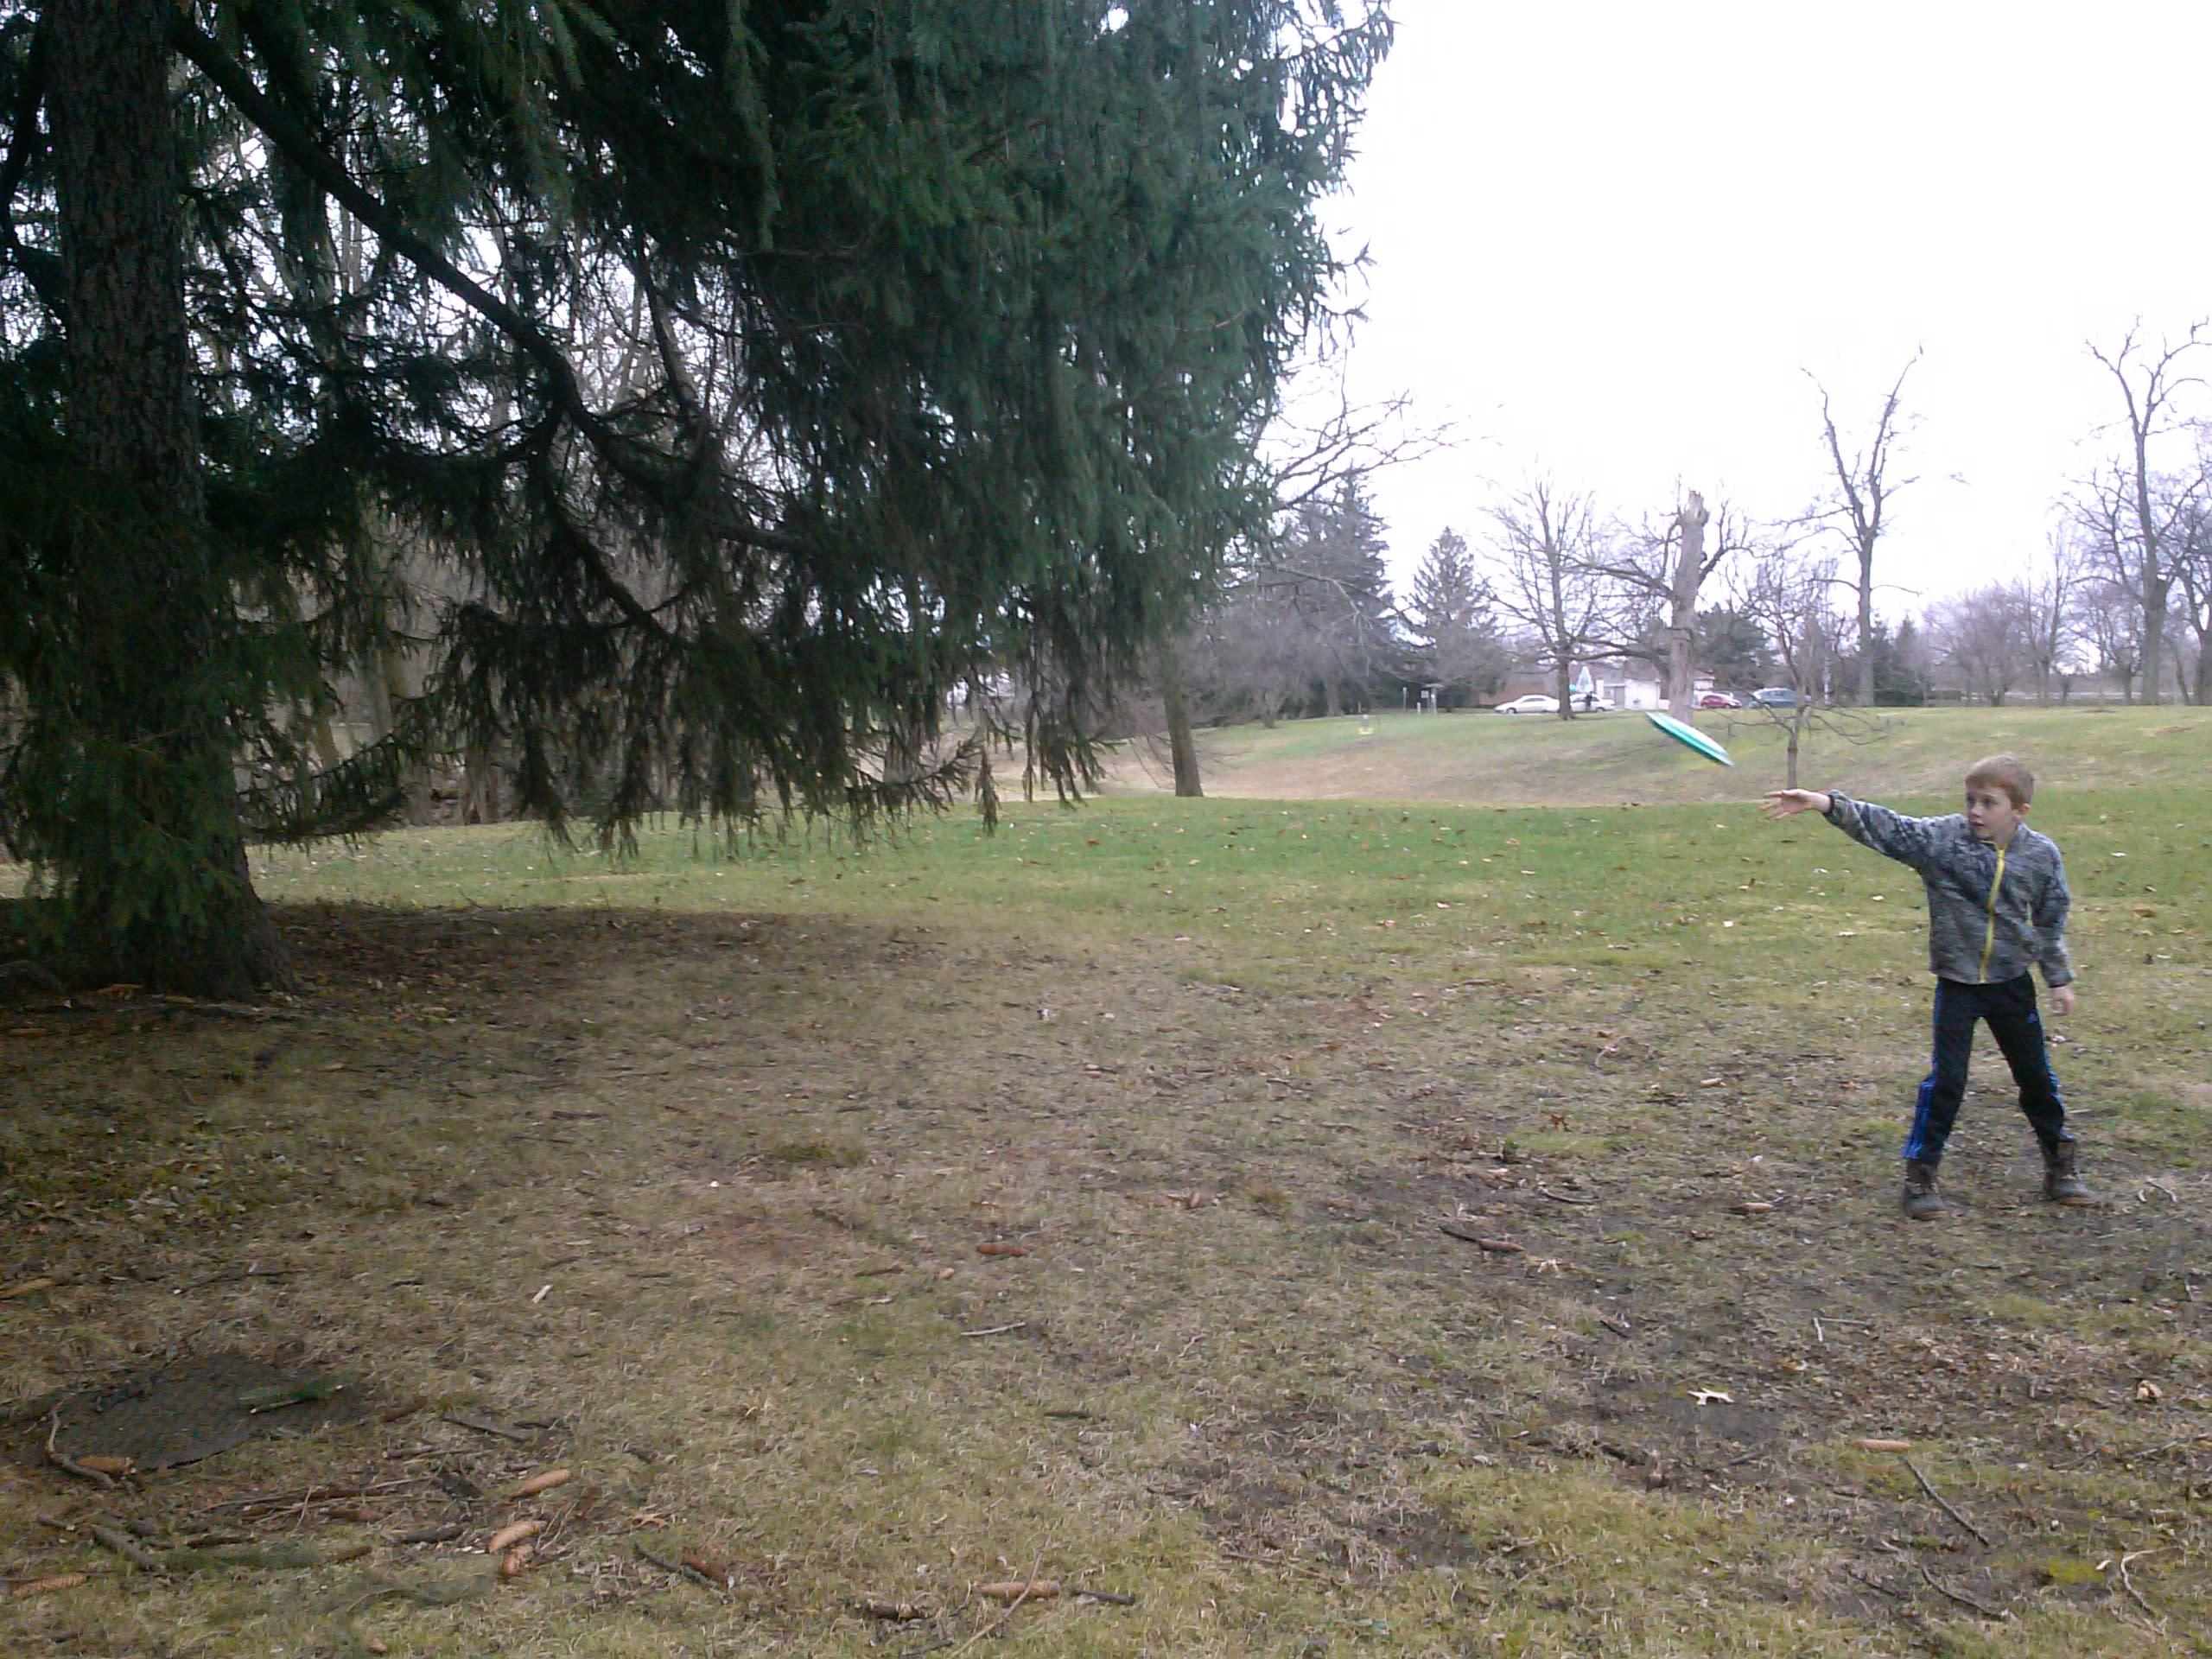 Disc Golf at Swinney Park